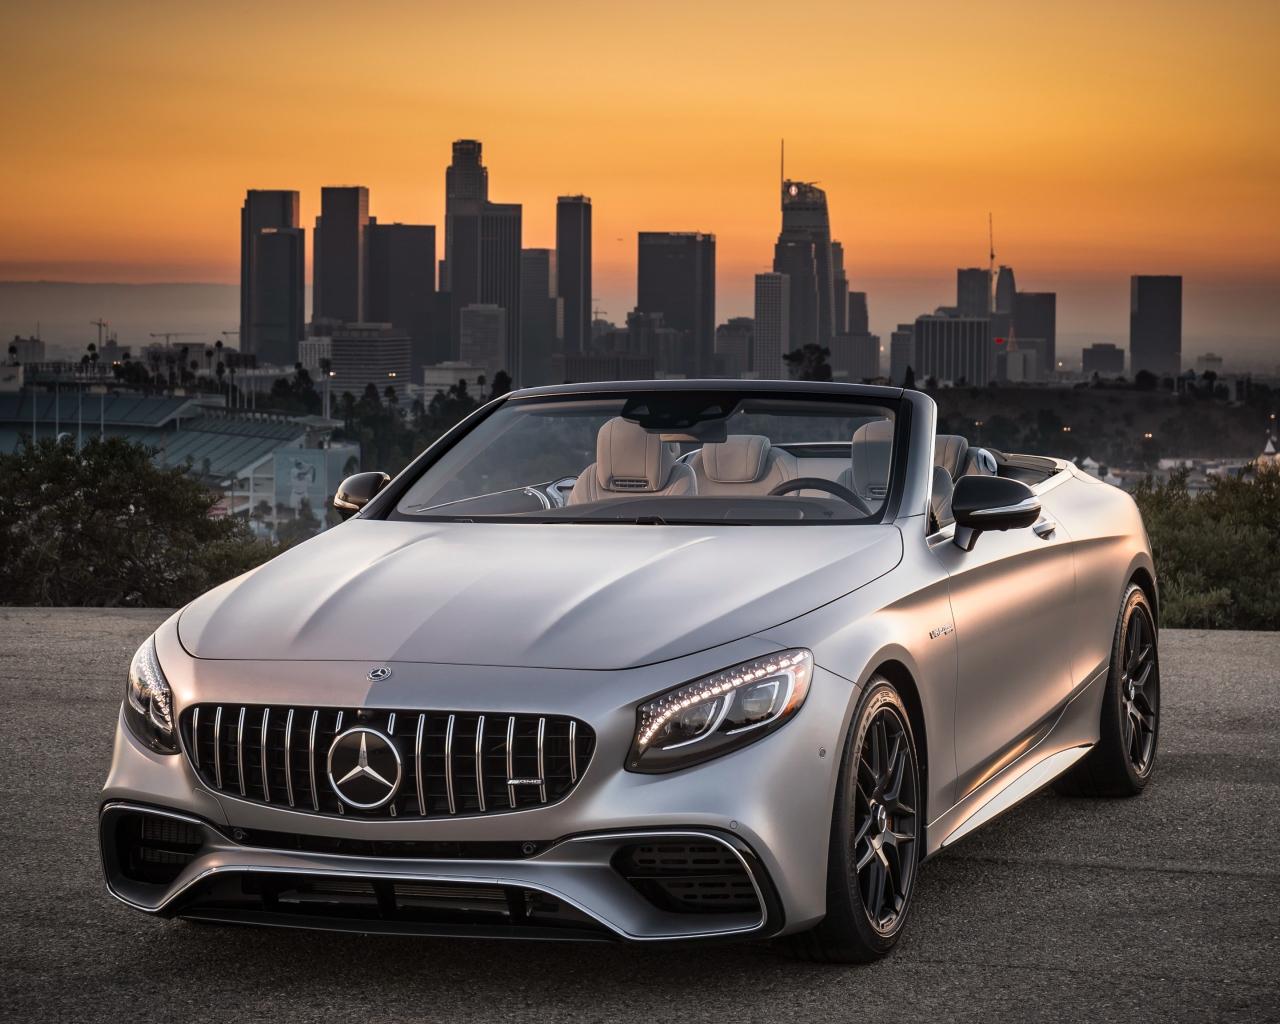 Mercedes-AMG S63 4MATIC Cabriolet, sports car, 1280x1024 wallpaper